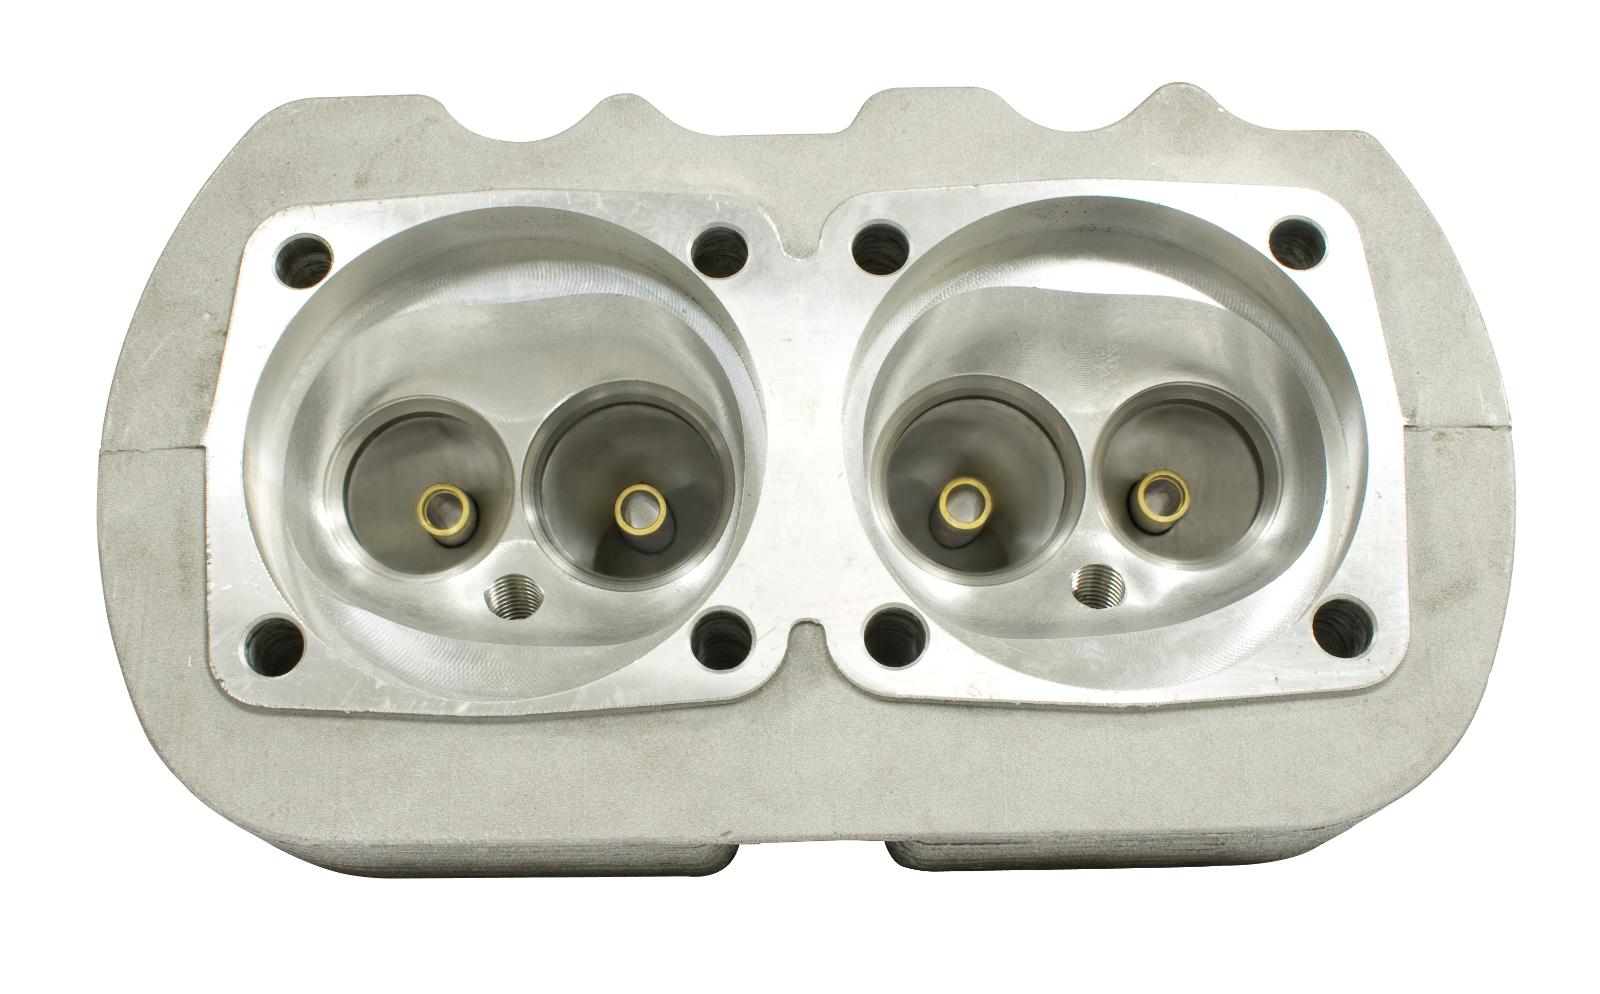 GTV-2 L6 CNC PORTED HEADS, 42 & 37 5 Valves, For 90 5/92, Dunebuggy